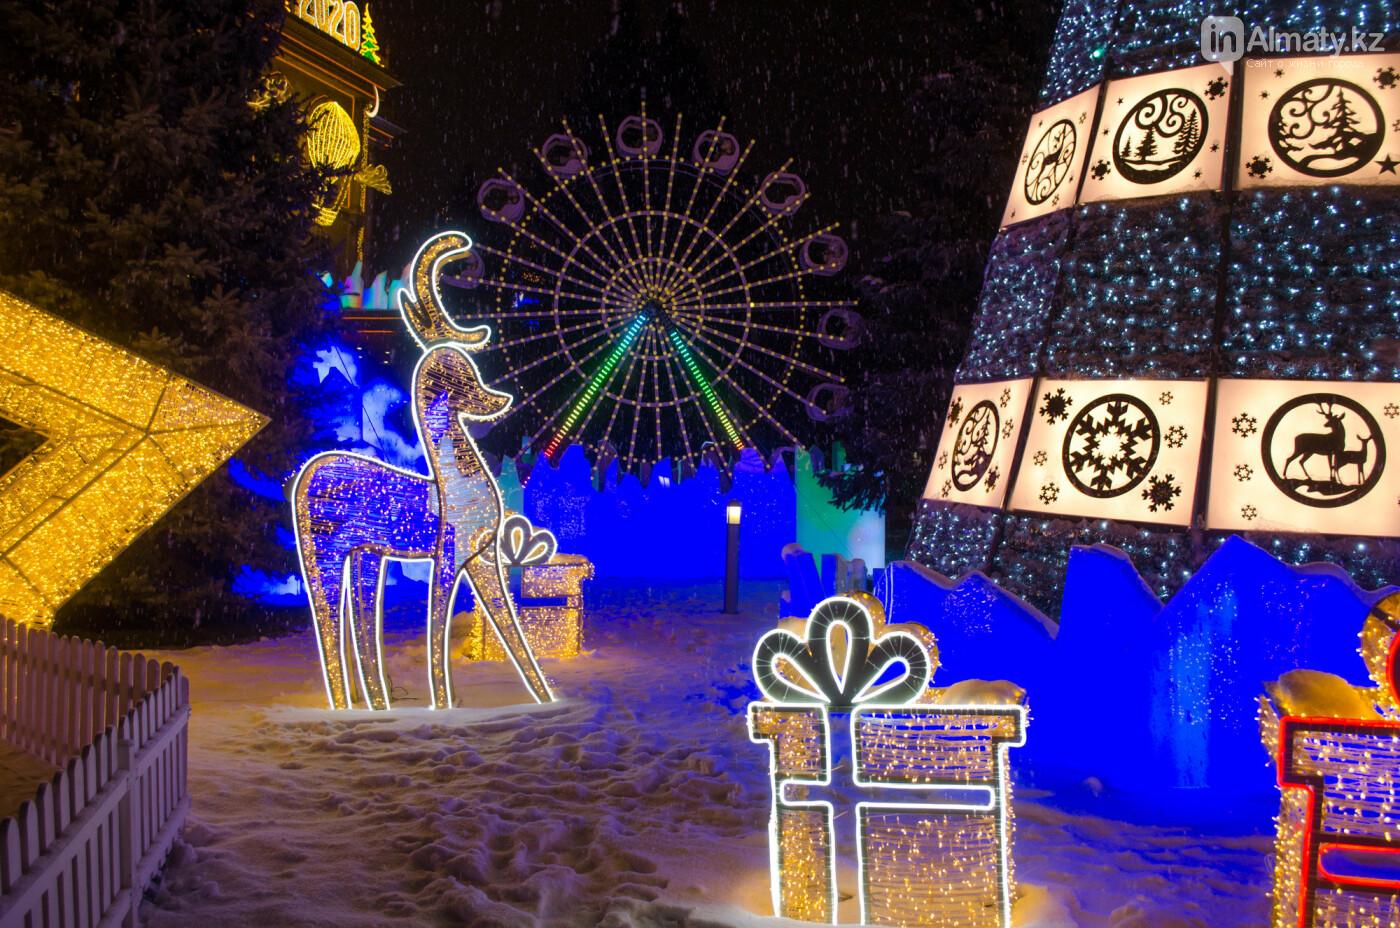 Как украшен центр Алматы к Новому году (фото), фото-18